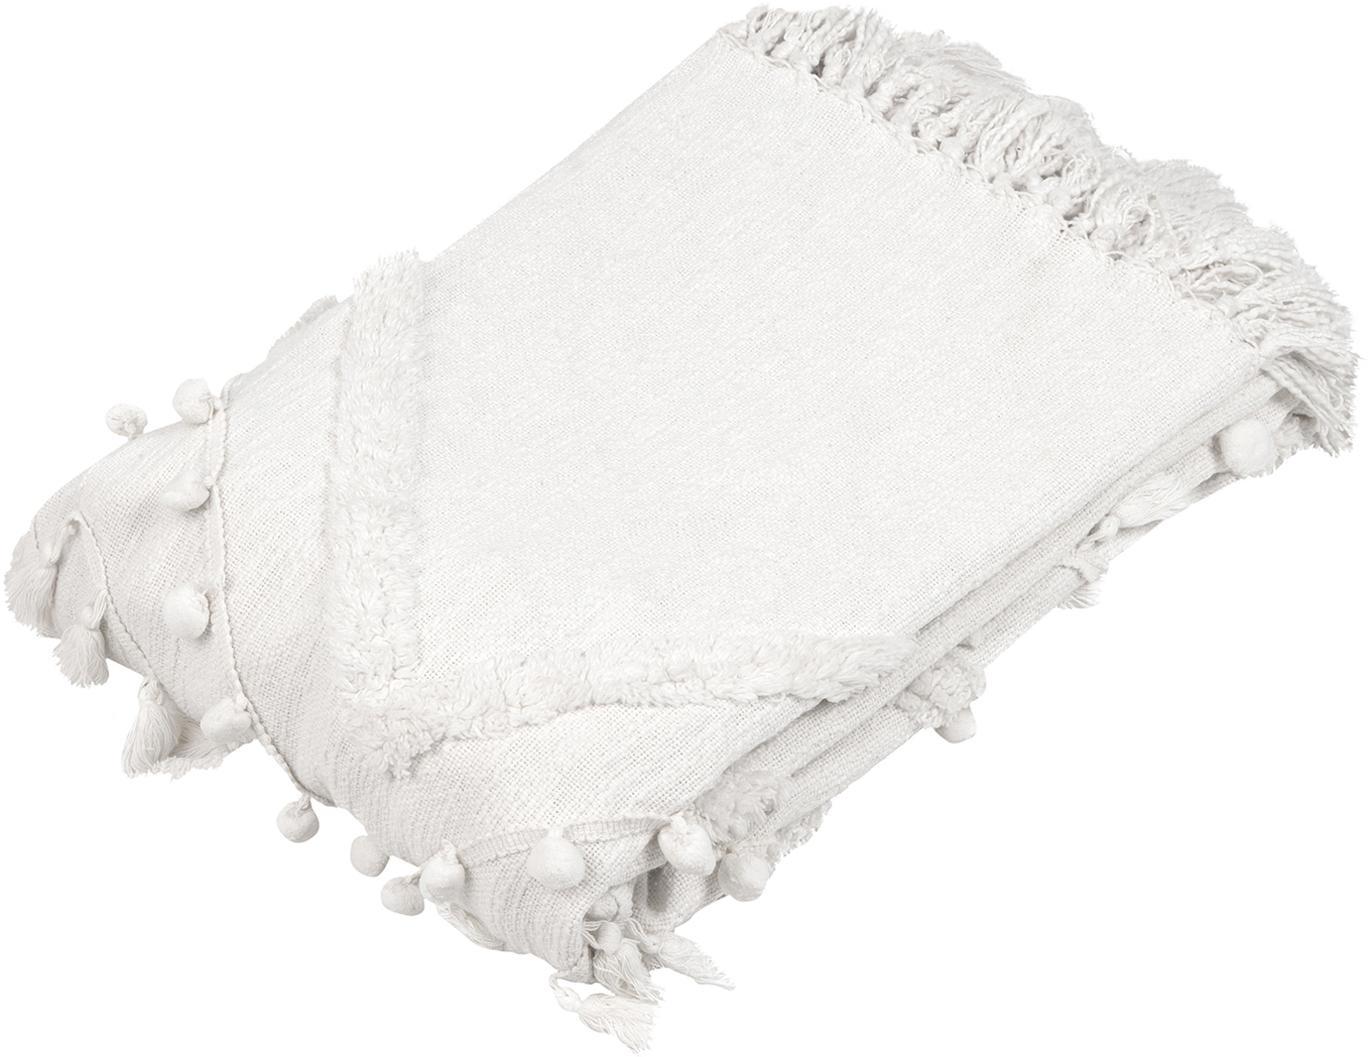 Baumwollplaid Pana mit Quasten und Pompoms, 100% Baumwolle, Cremeweiss, 130 x 170 cm